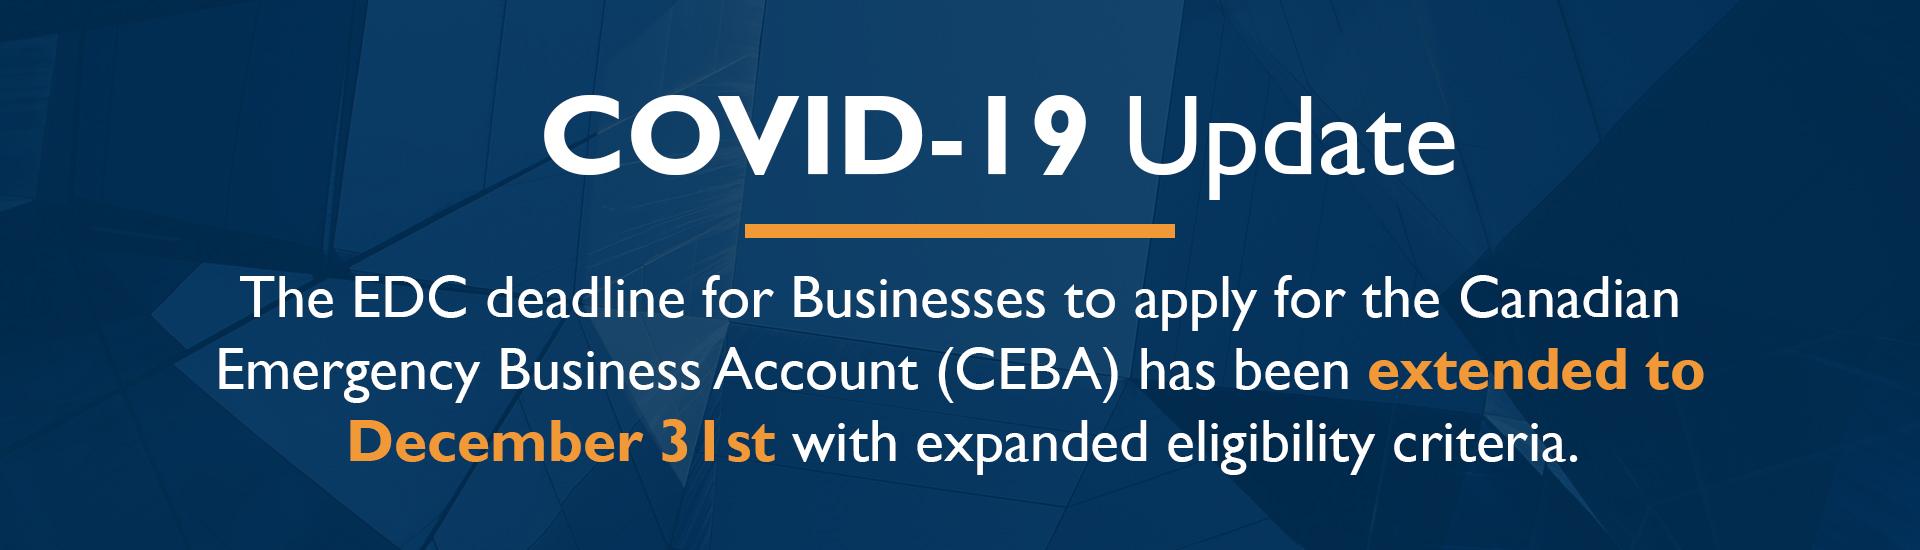 CEBA Extended to December 31st